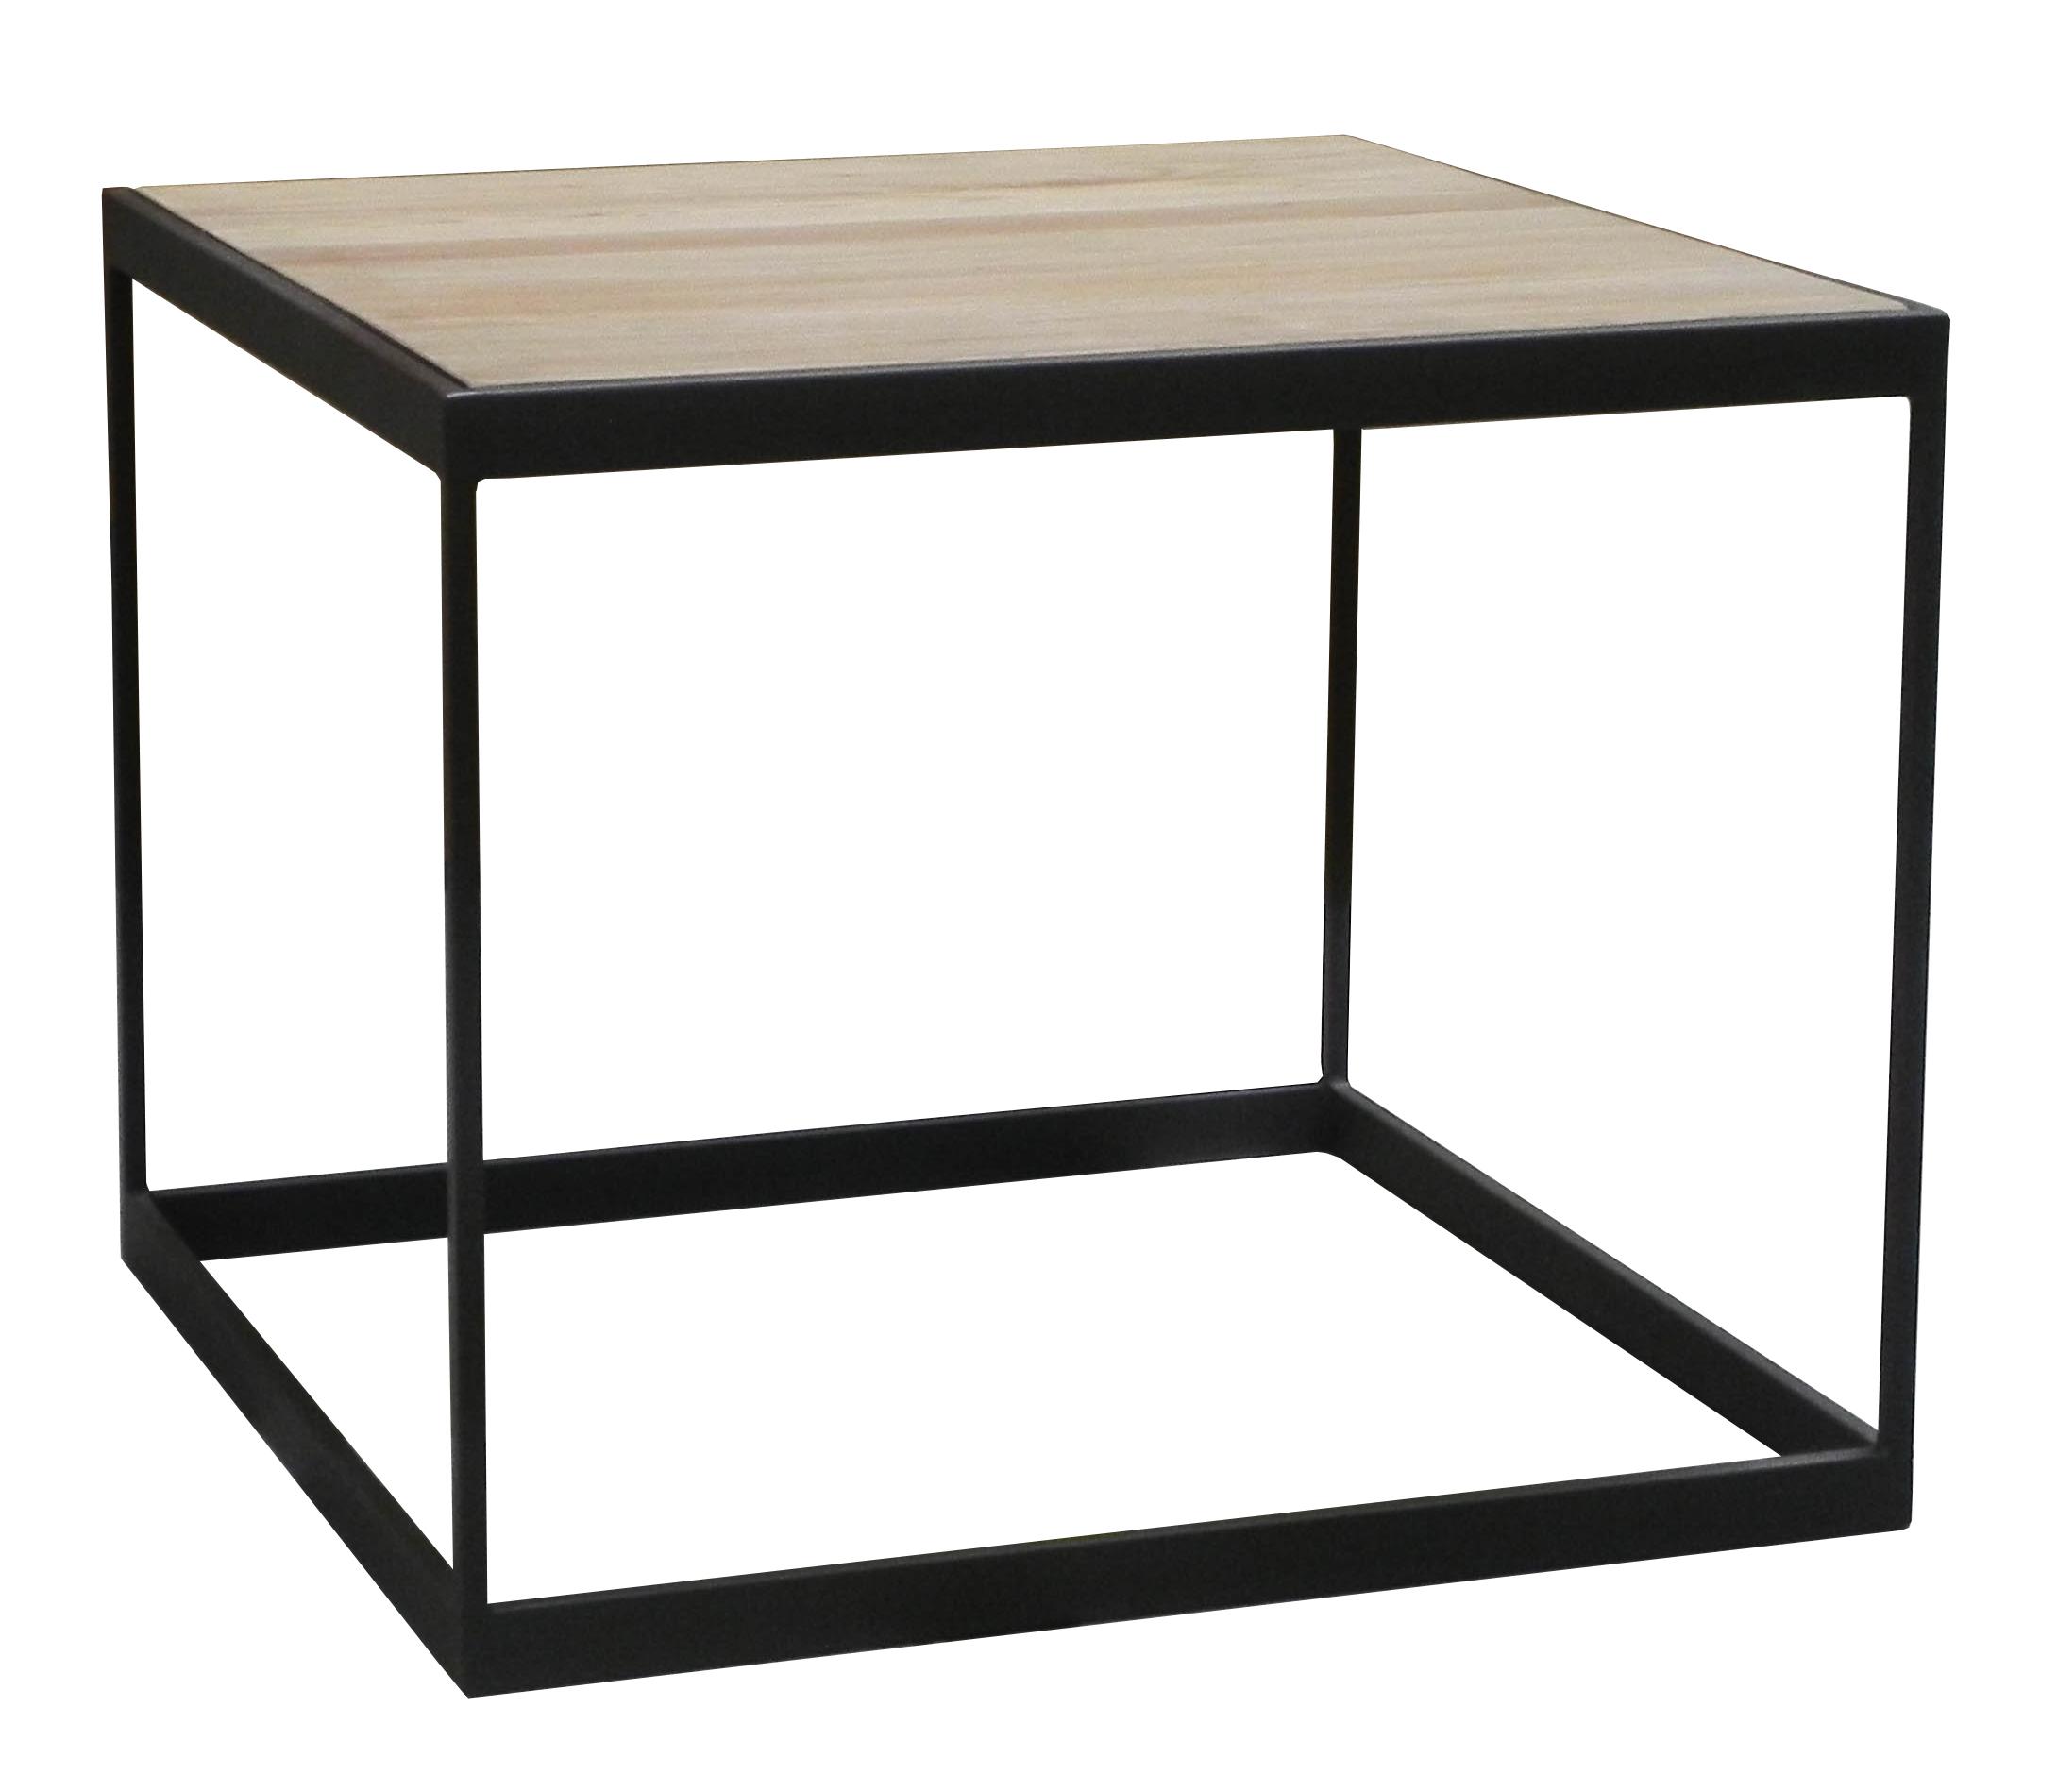 Table d 39 appoint bout de canap ch ne massif m tal soomaa Table d appoint bout de canape